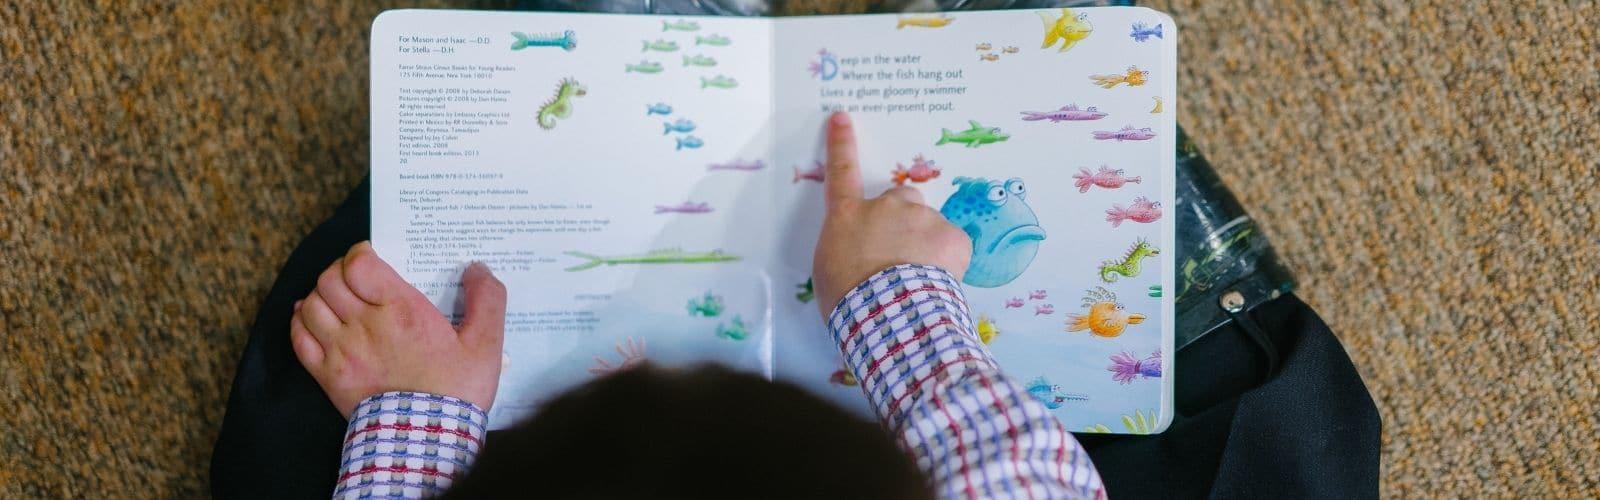 Pourquoi faut-il raconter des histoires aux enfants ?